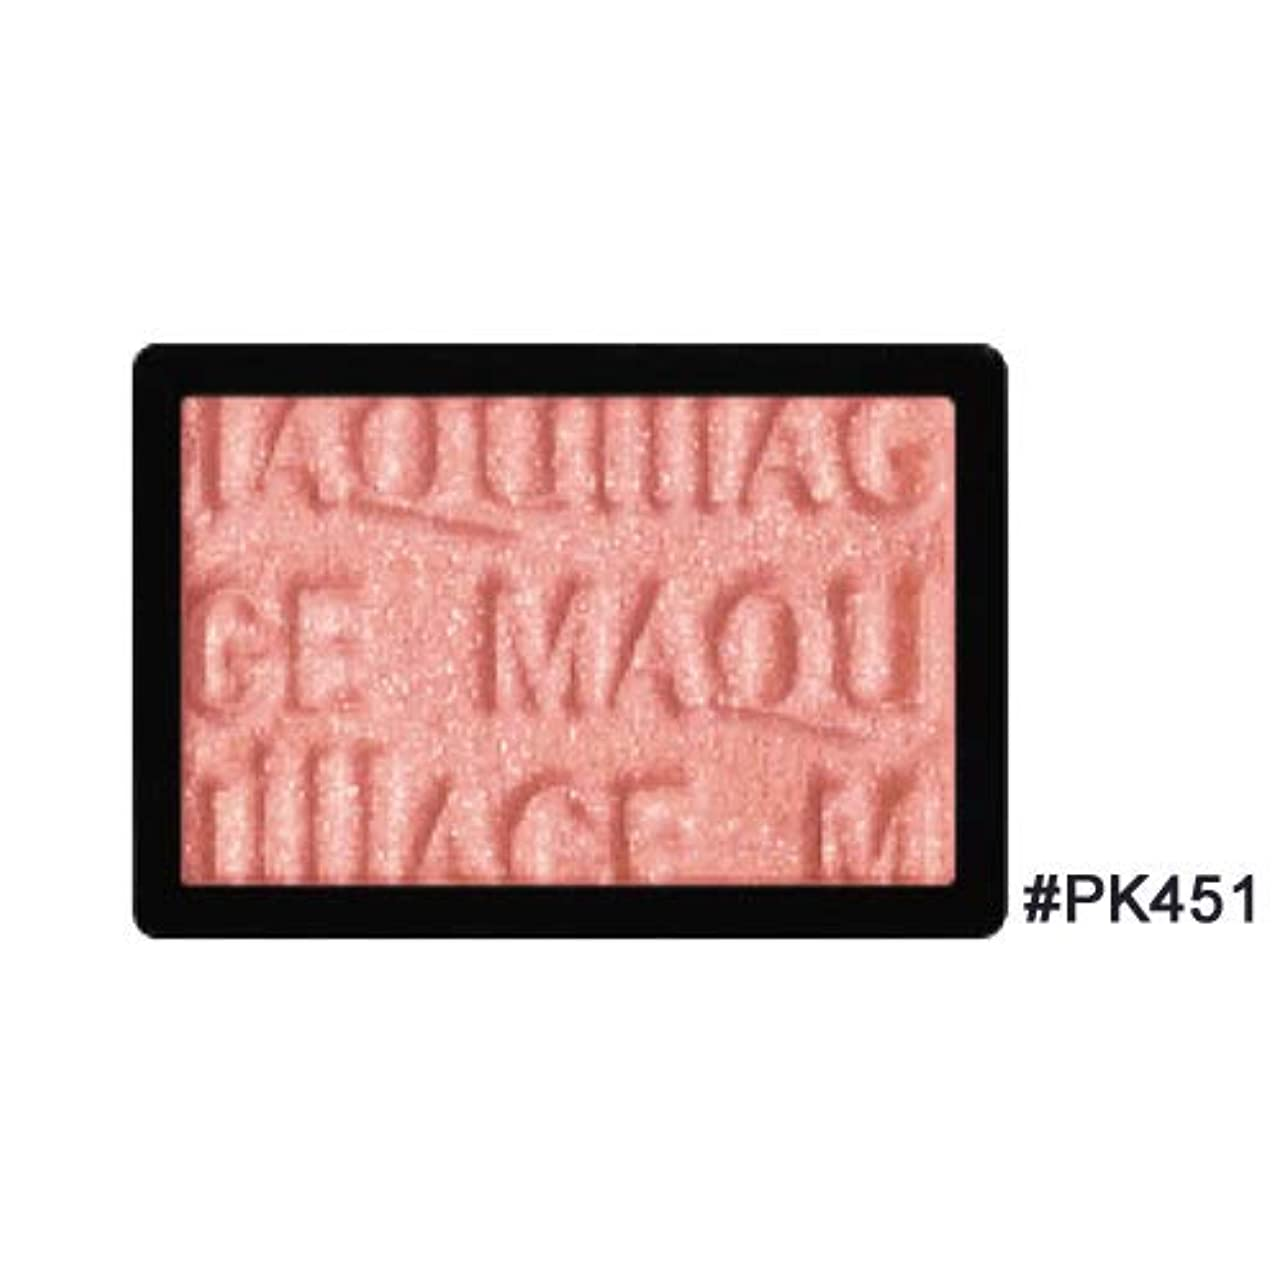 インペリアル刈るグラフィック資生堂 SHISEIDO マキアージュ アイカラー N (パウダー) レフィル #PK451 [並行輸入品]